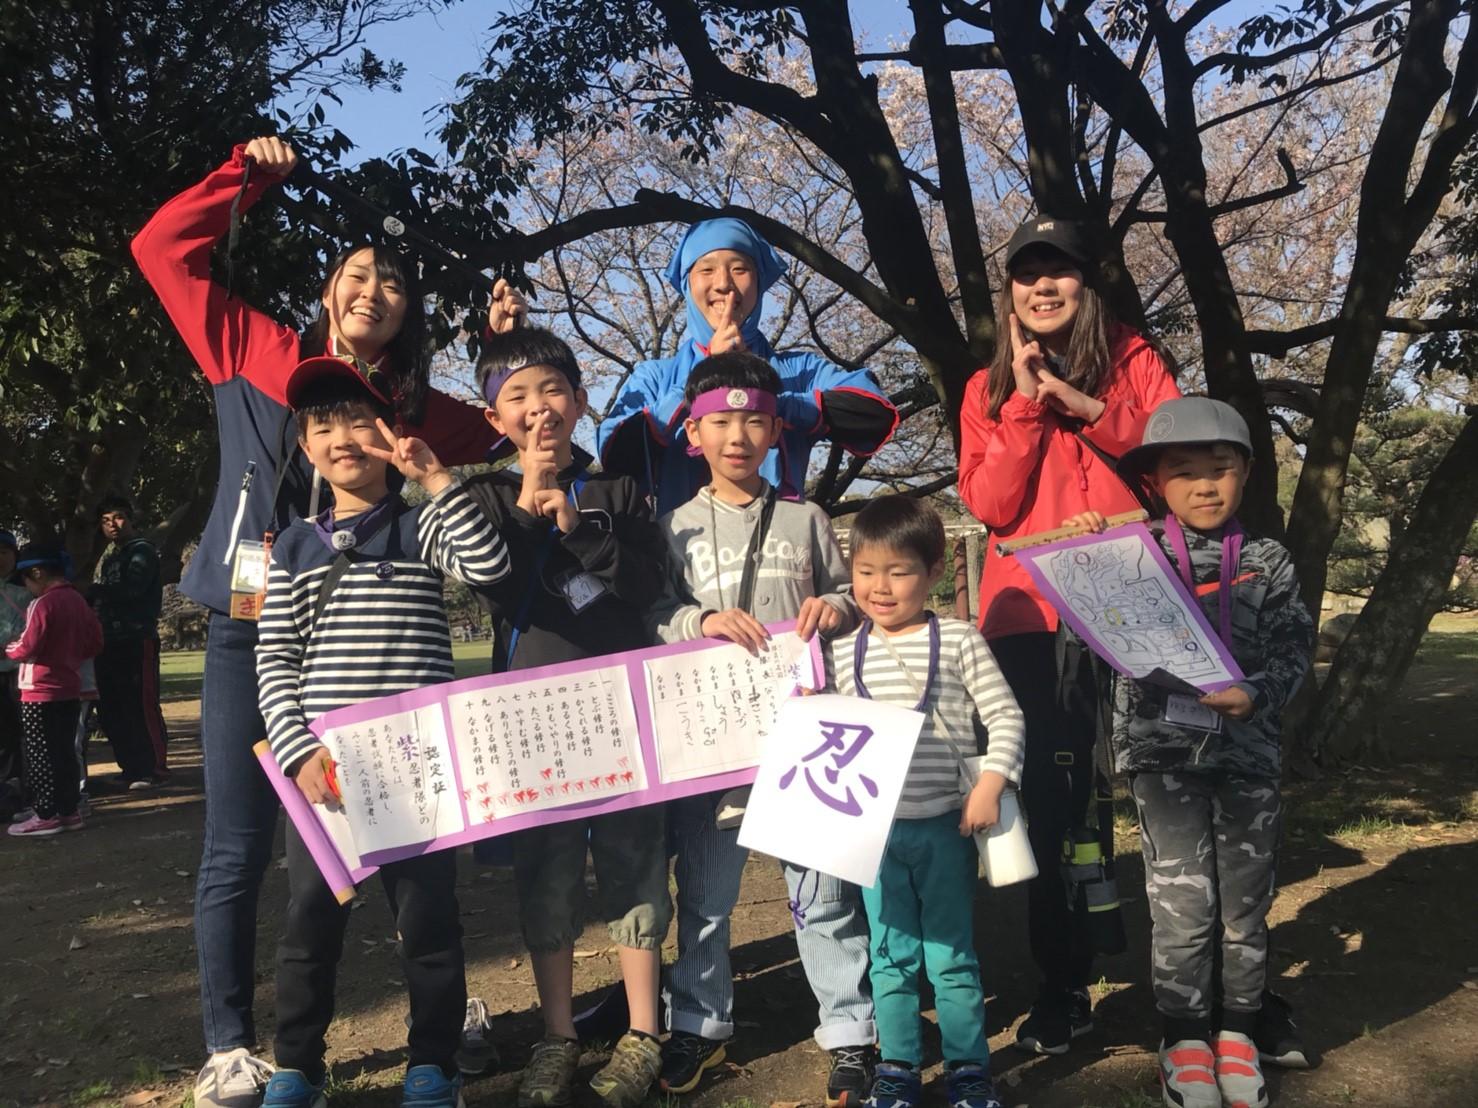 【5/4-5・1泊2日】にんにん!忍者キャンプ! @ 明石市立少年自然の家・明石公園